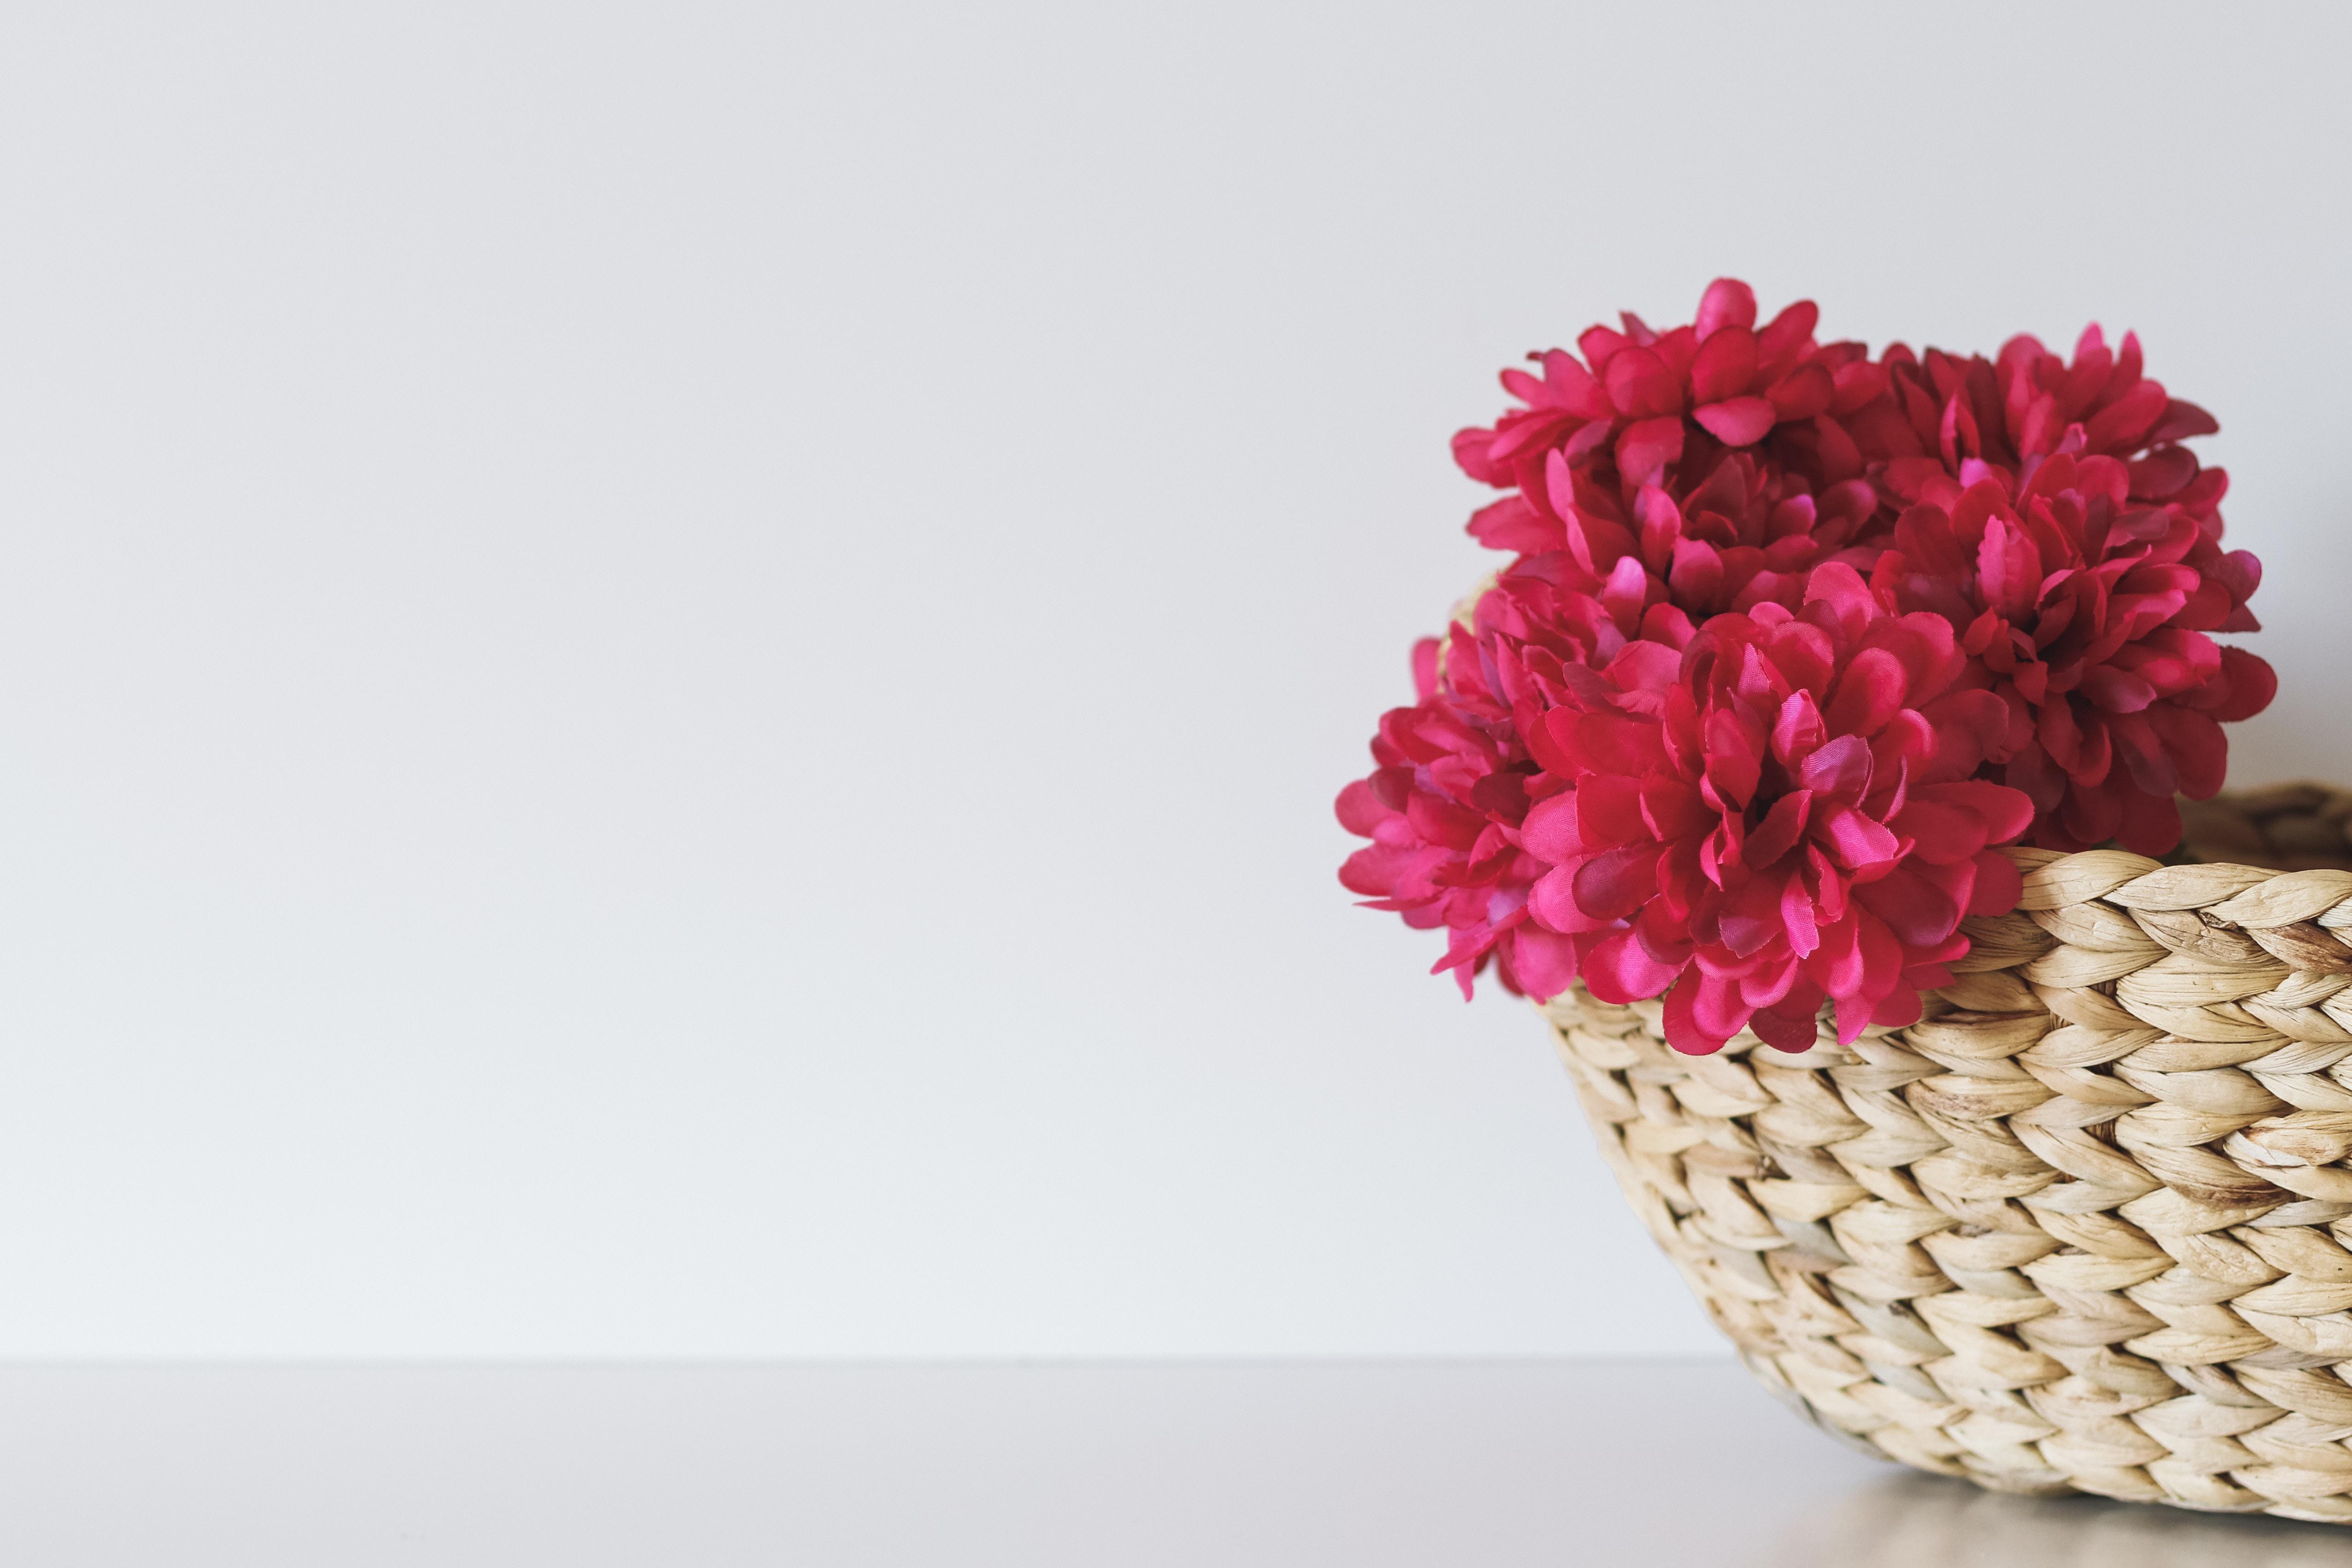 pink petaled flower inside brown wicker basket